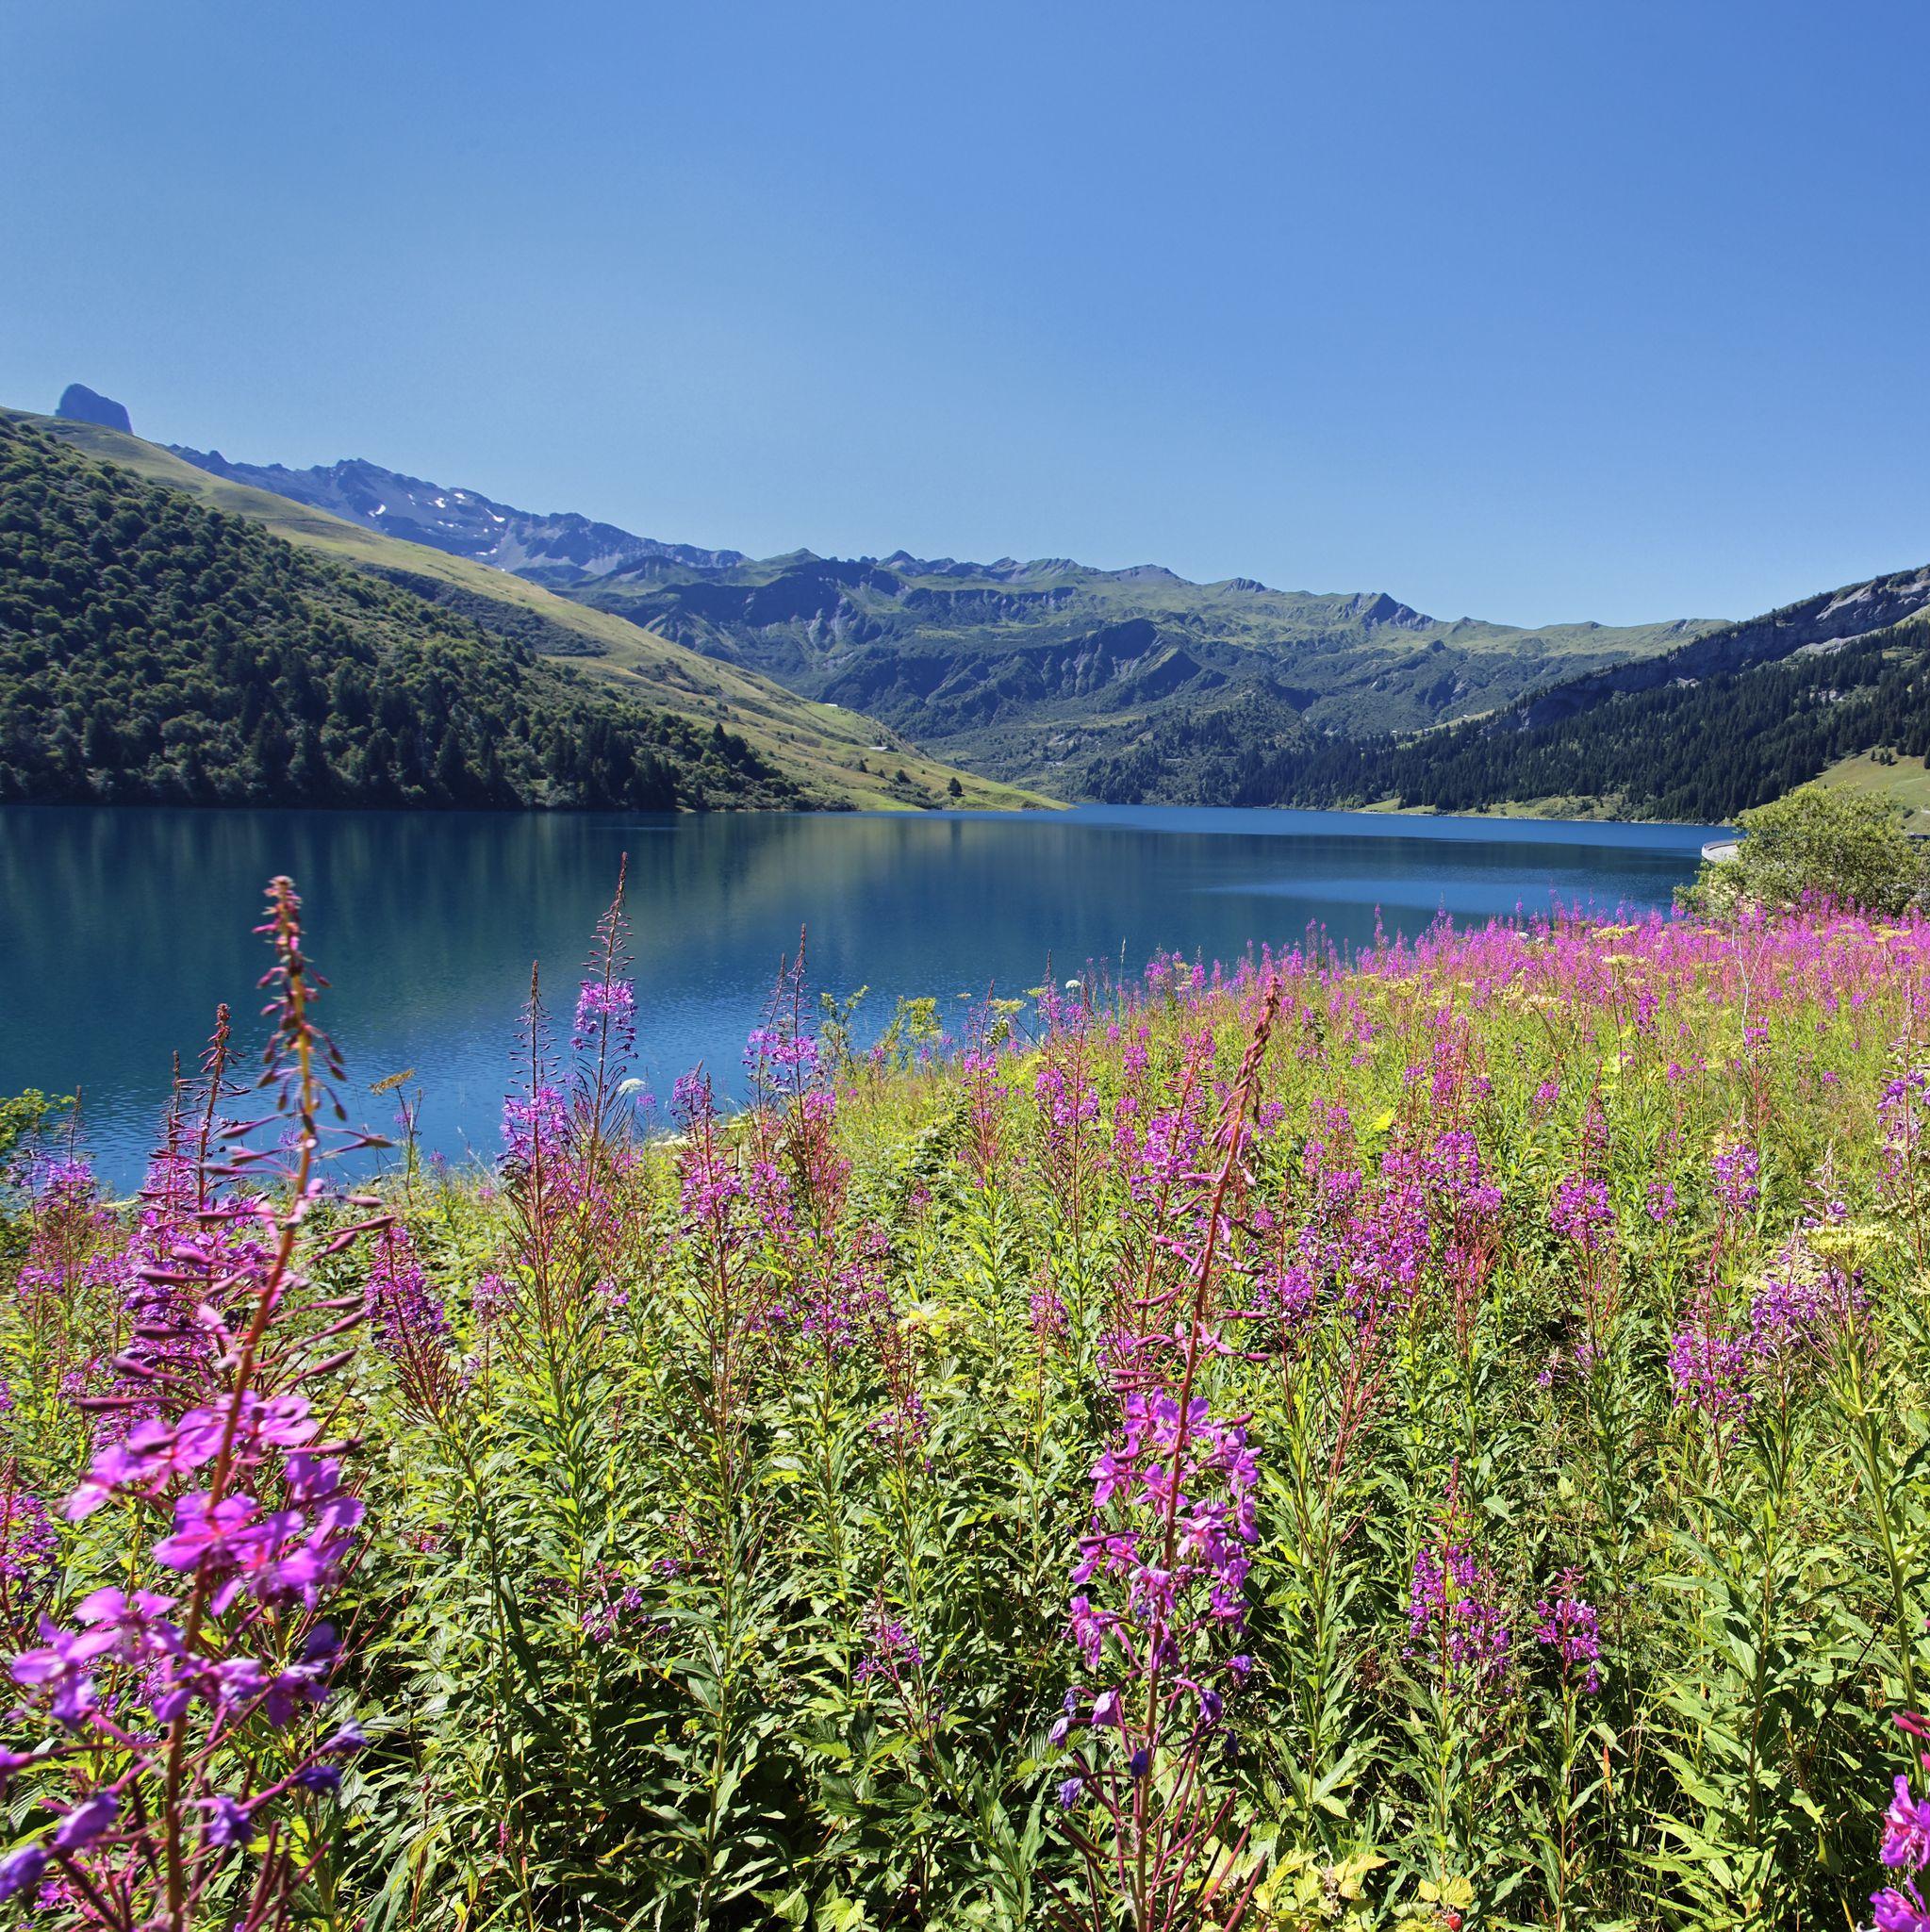 purple-flowers-and-lake-australia